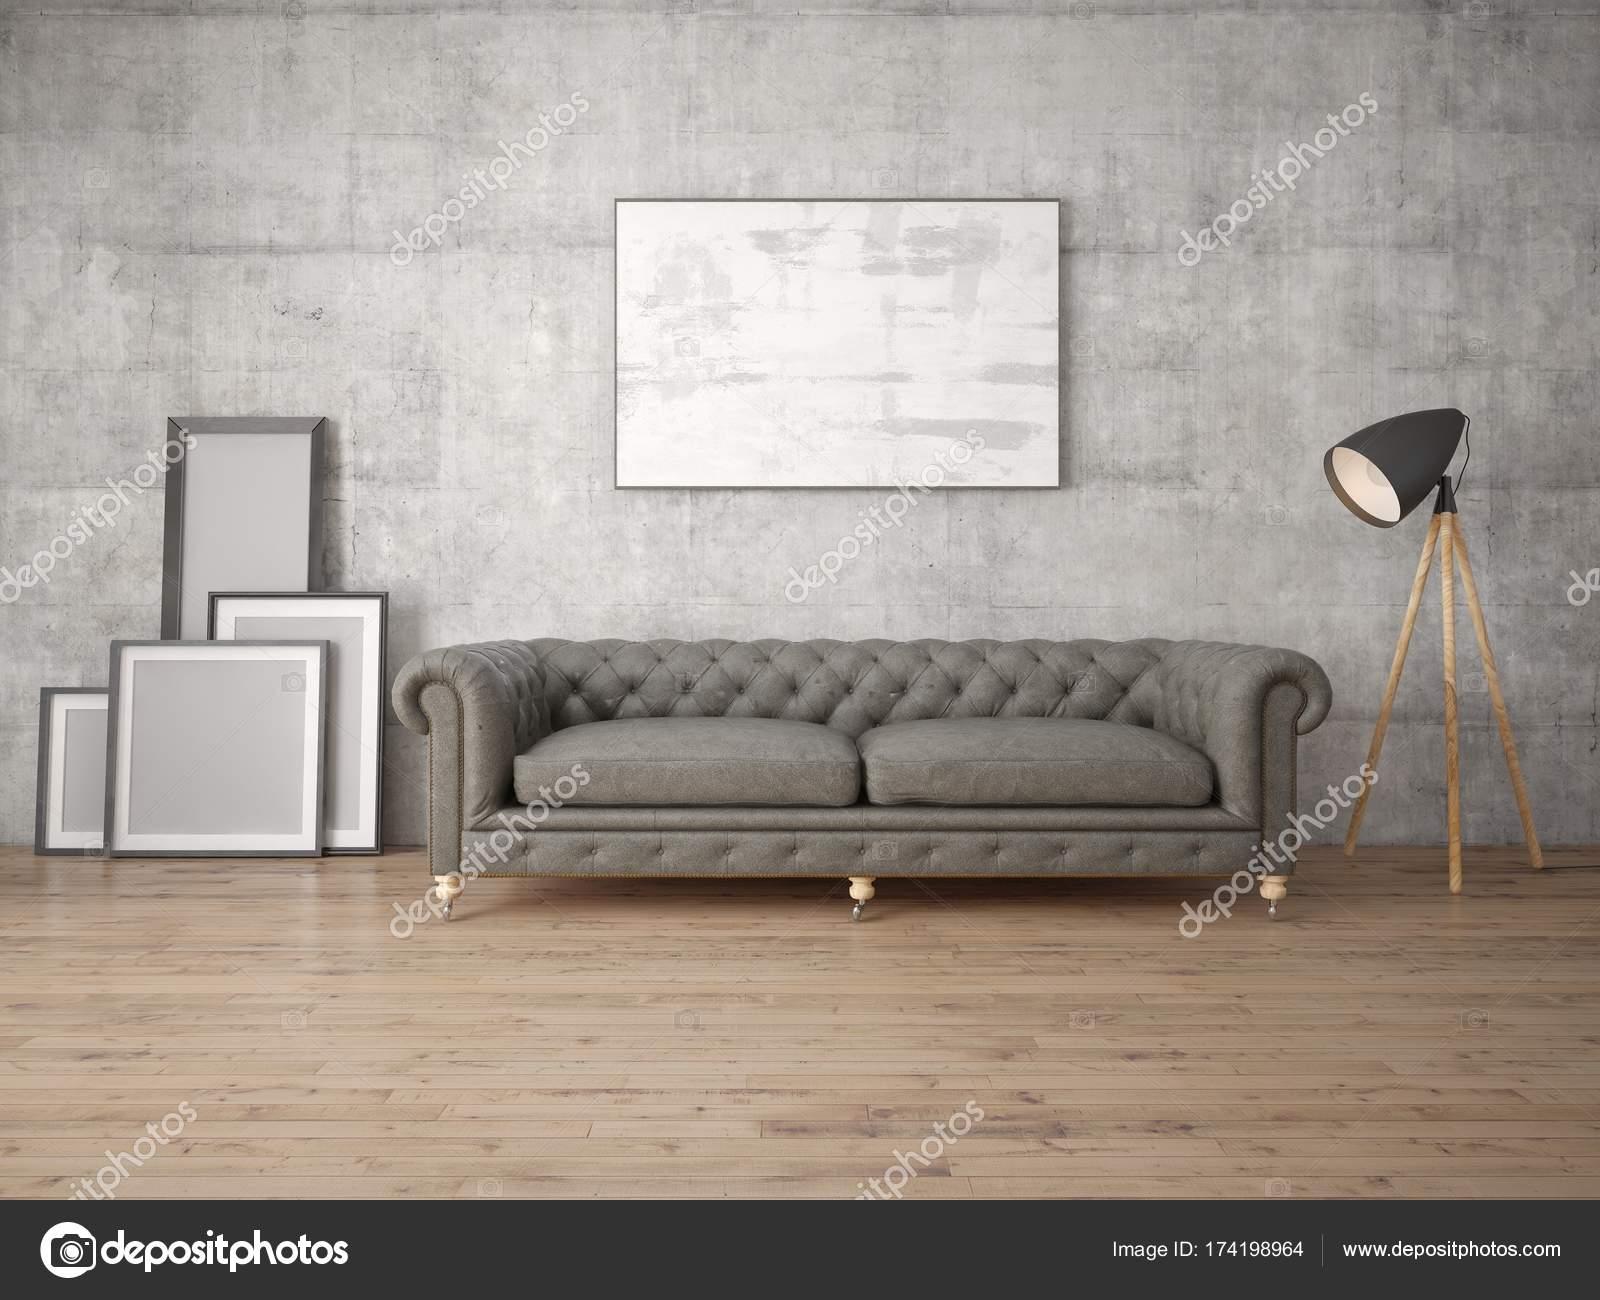 Venta de sofas modernos online dating